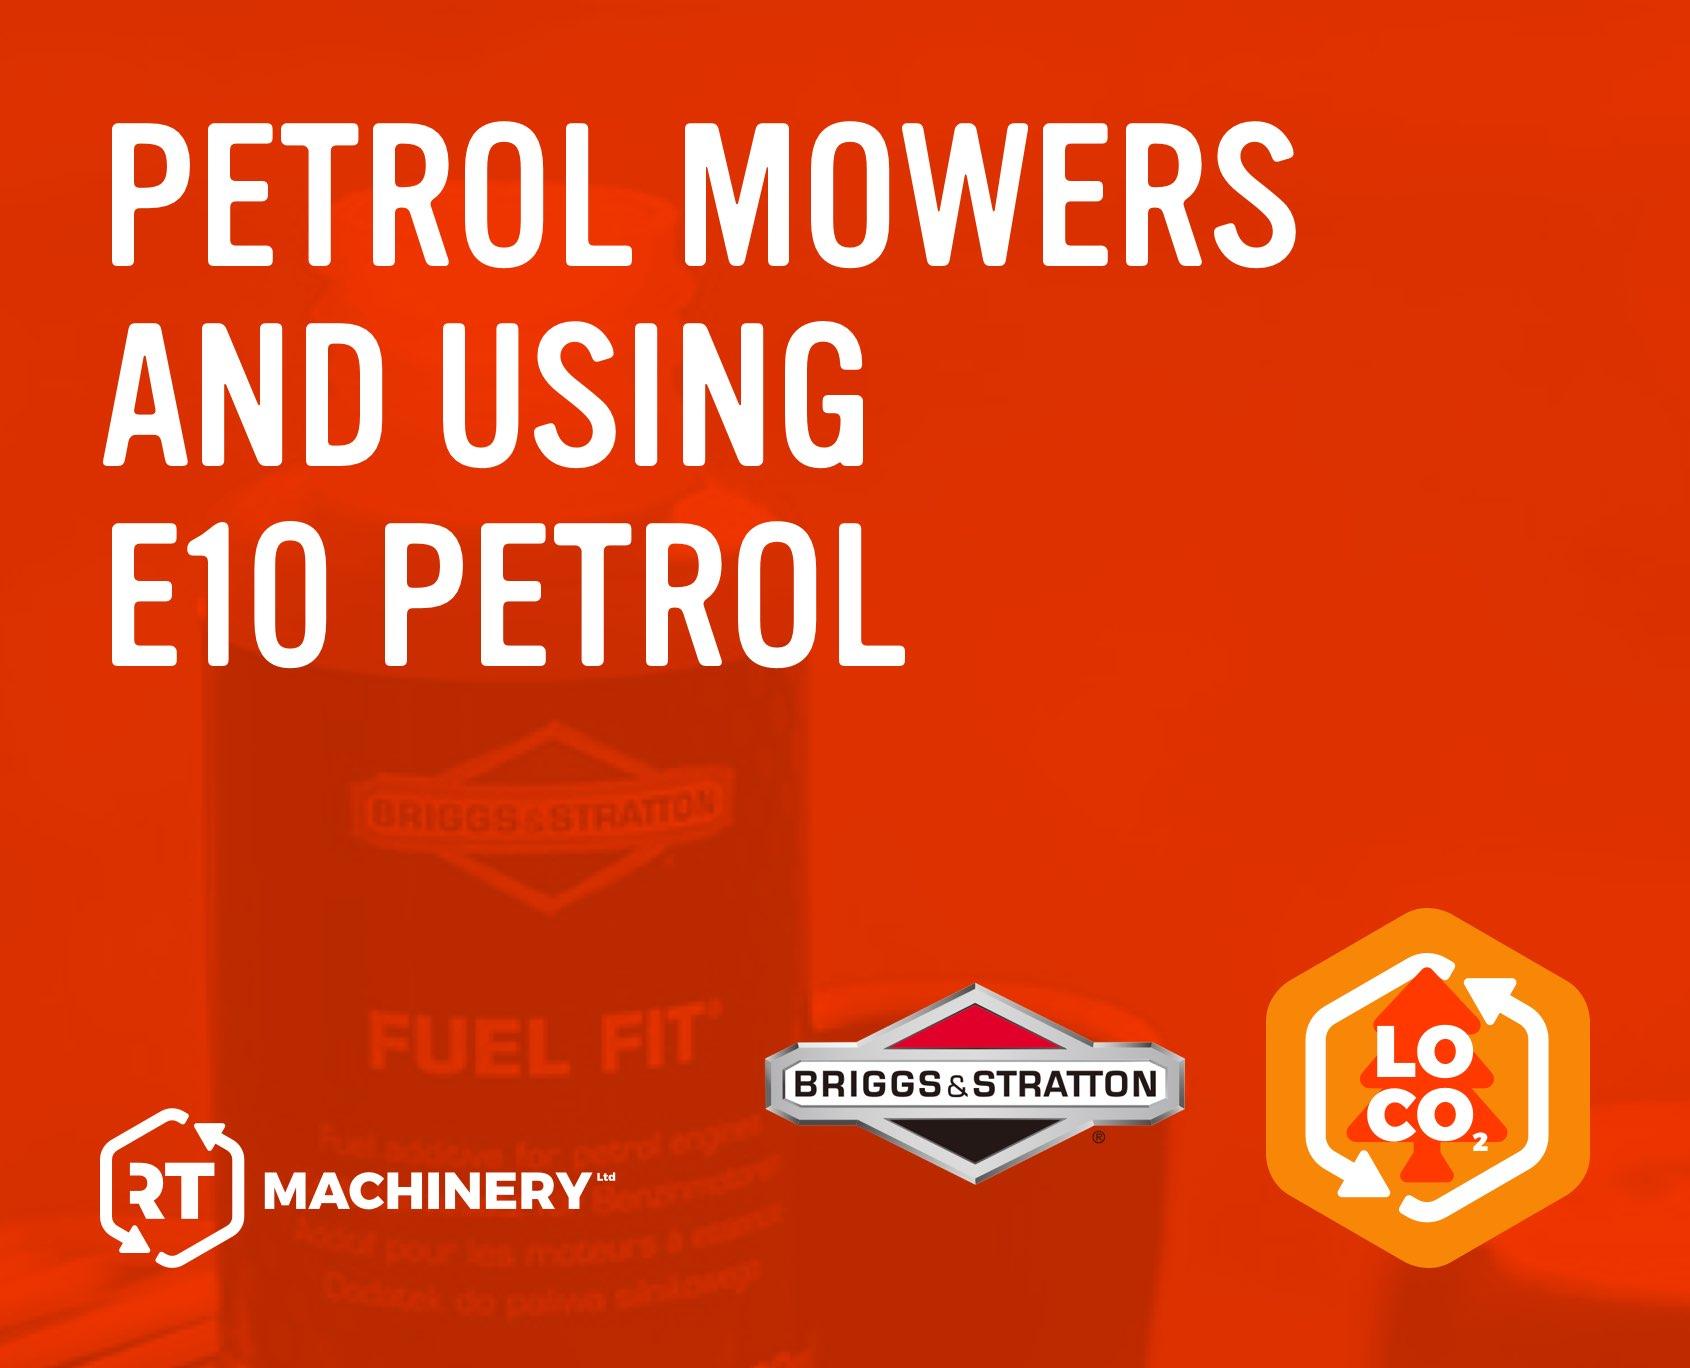 Petrol Mowers and Using E10 Petrol